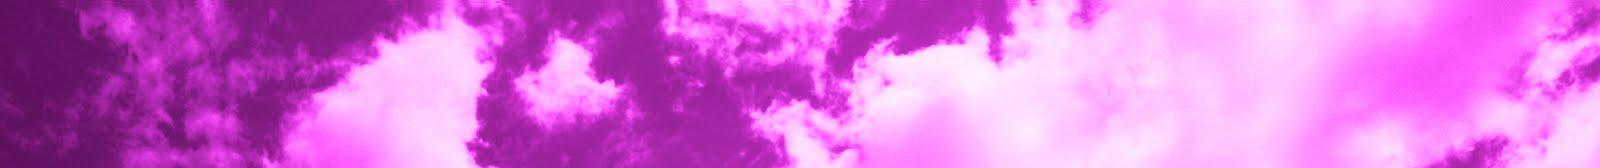 The Pink OmniBus